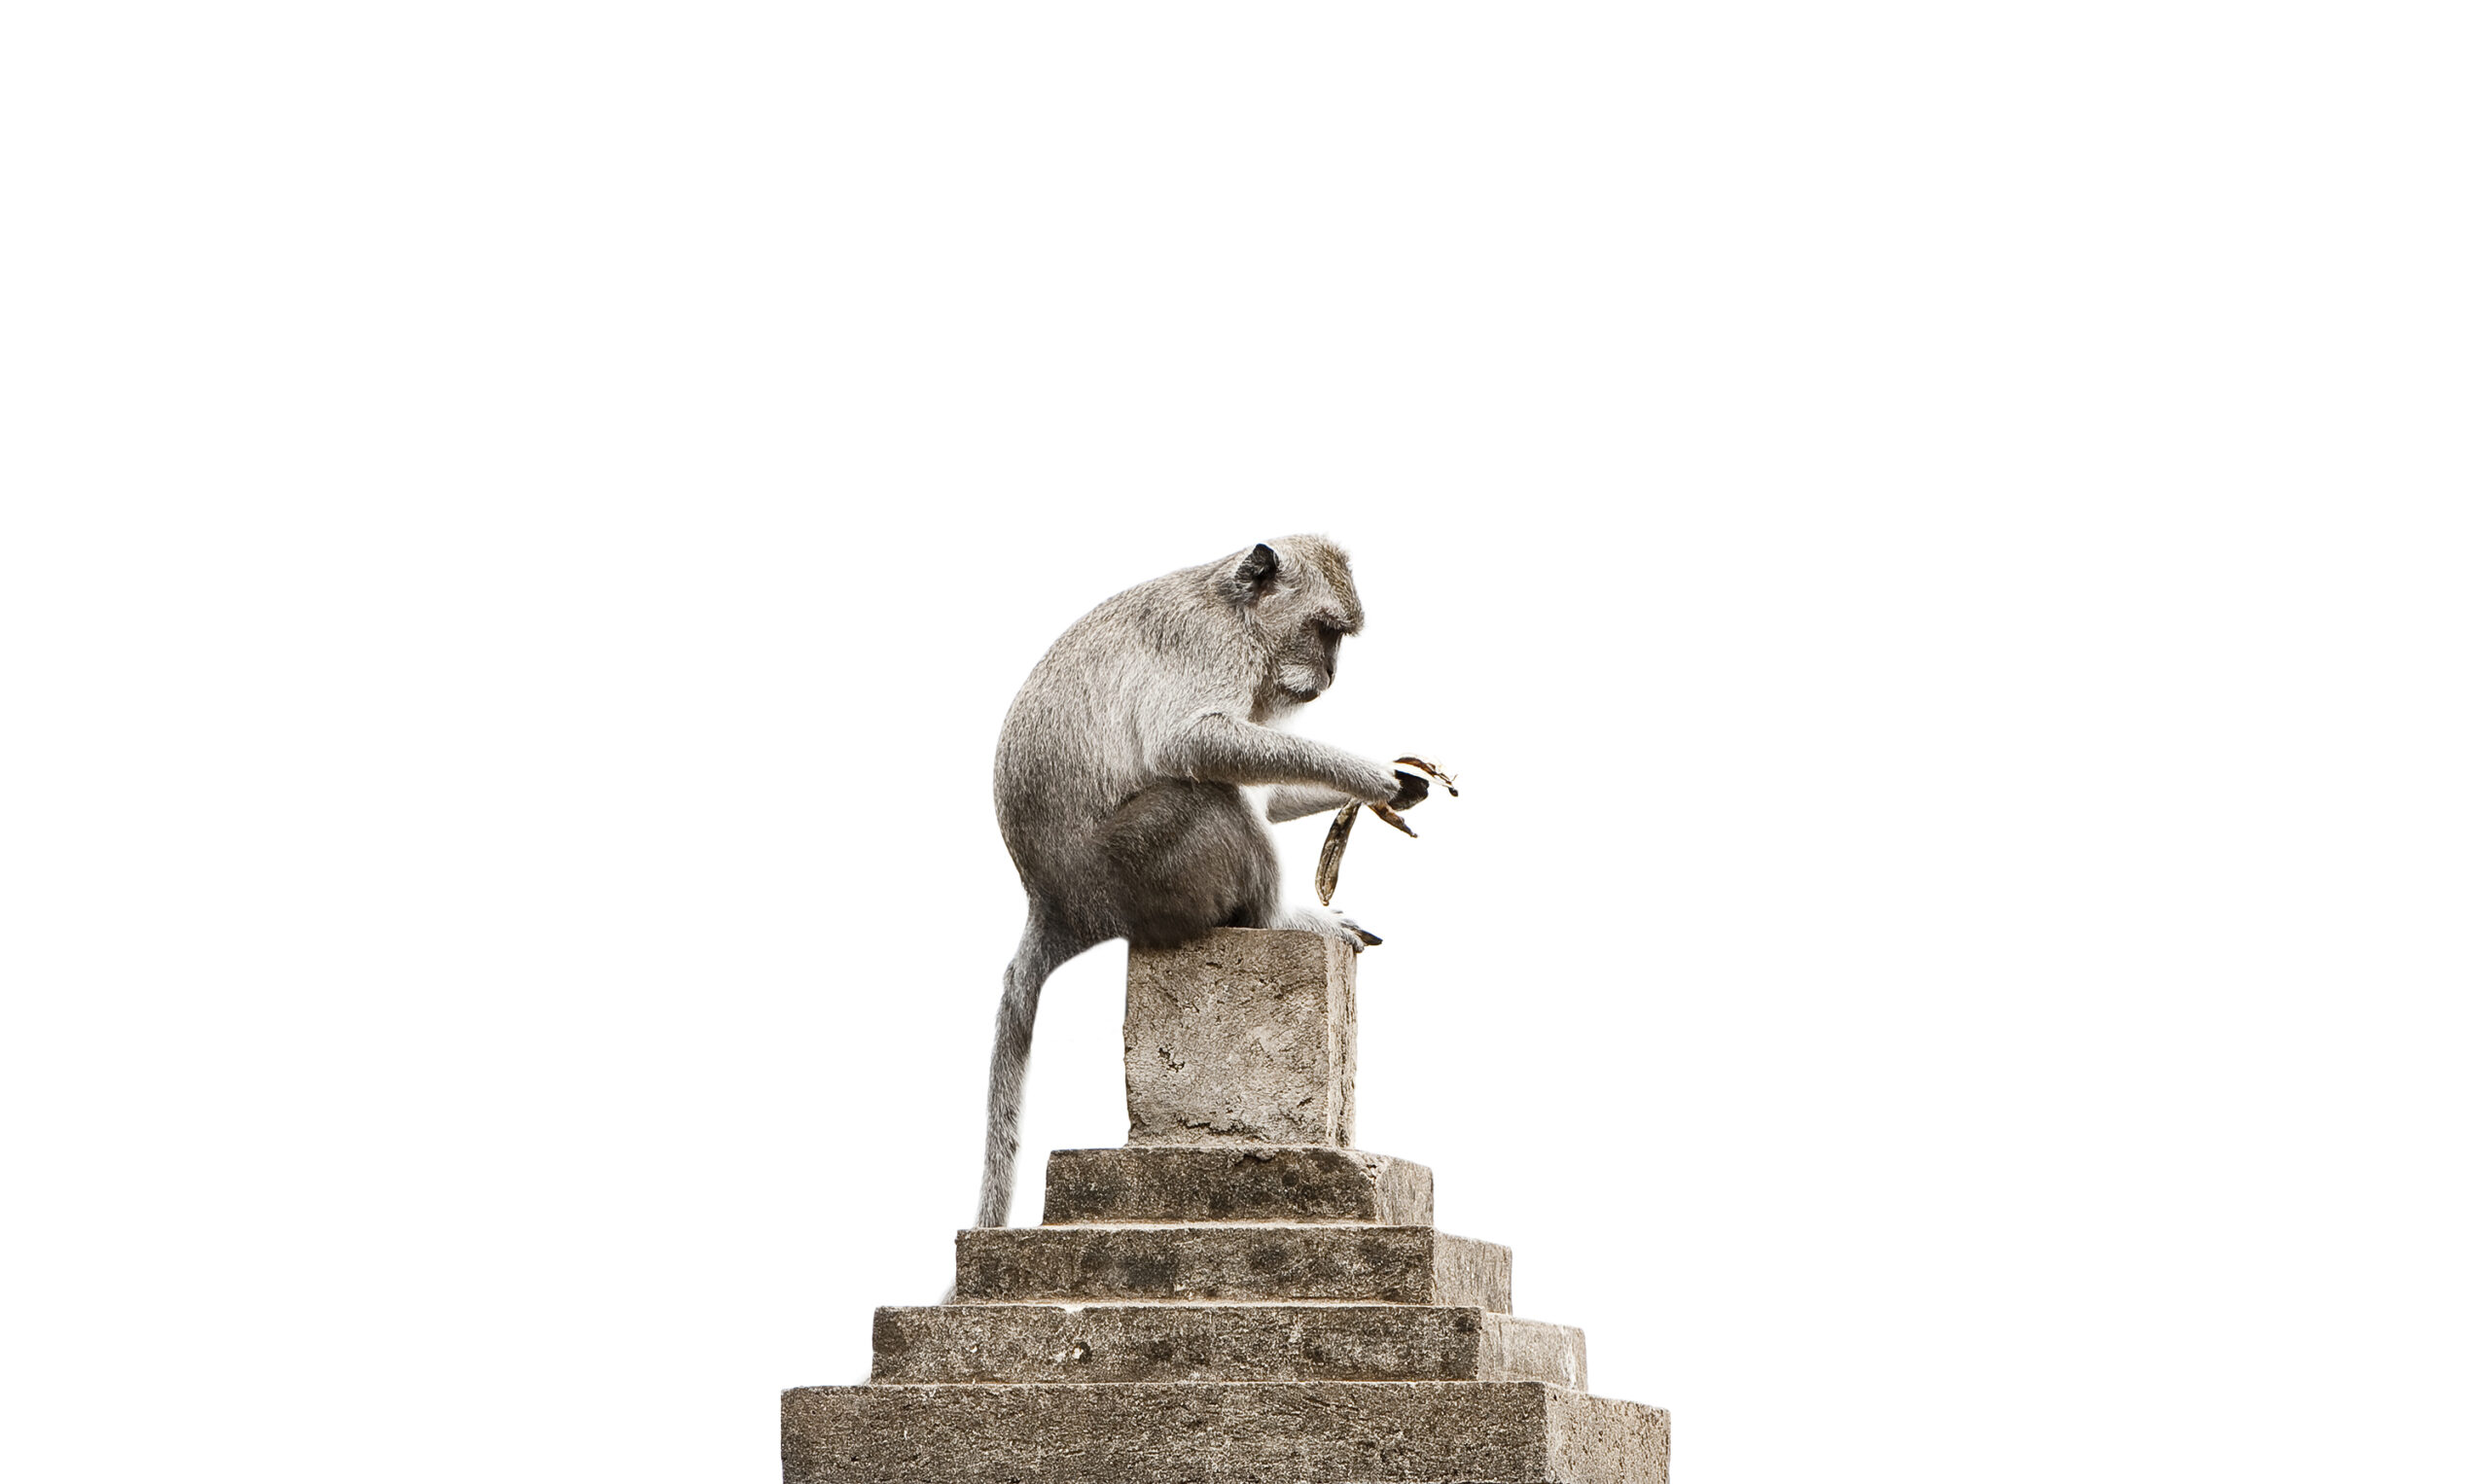 Uluwatu Monkey Dilemma